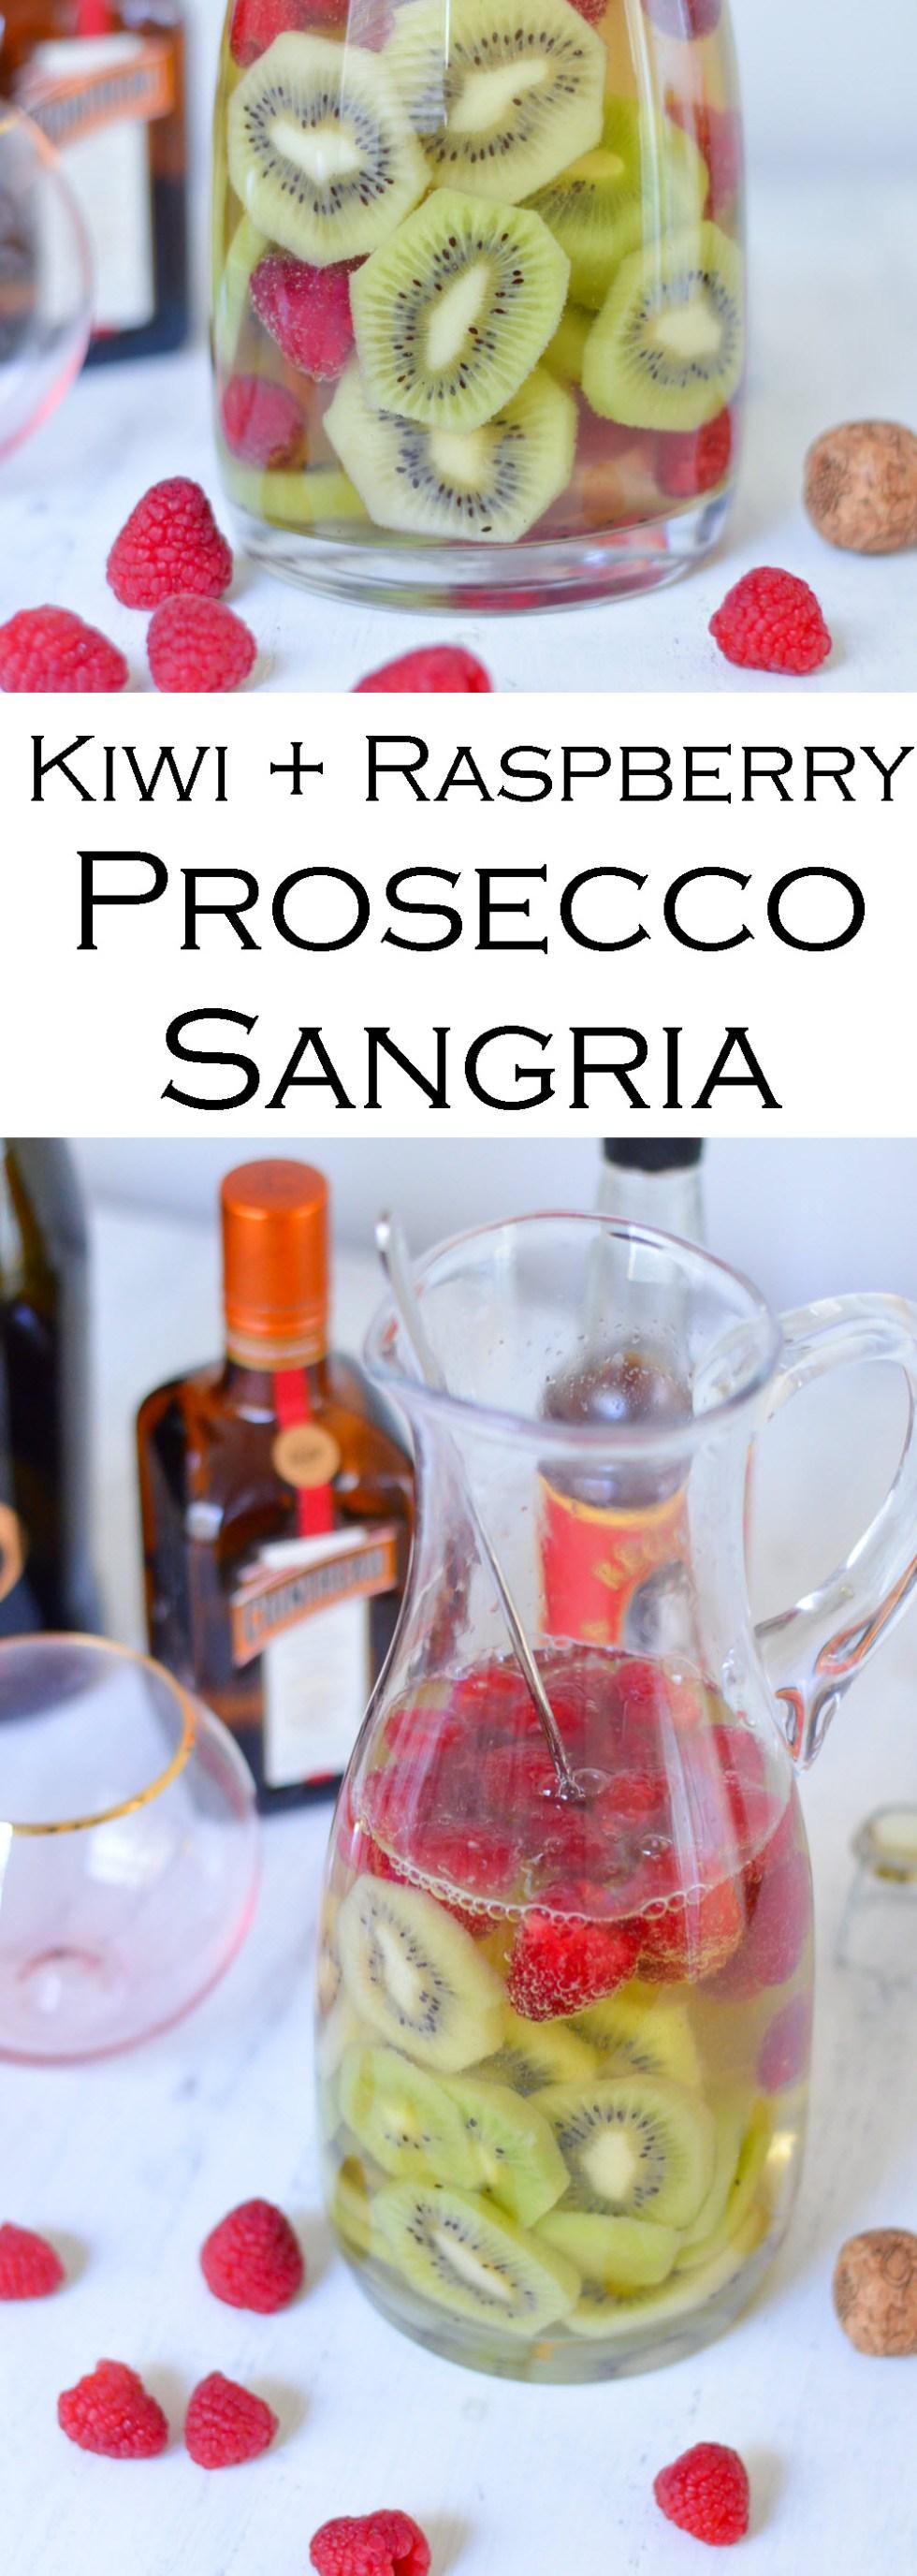 Kiwi Raspberry Prosecco Sangria